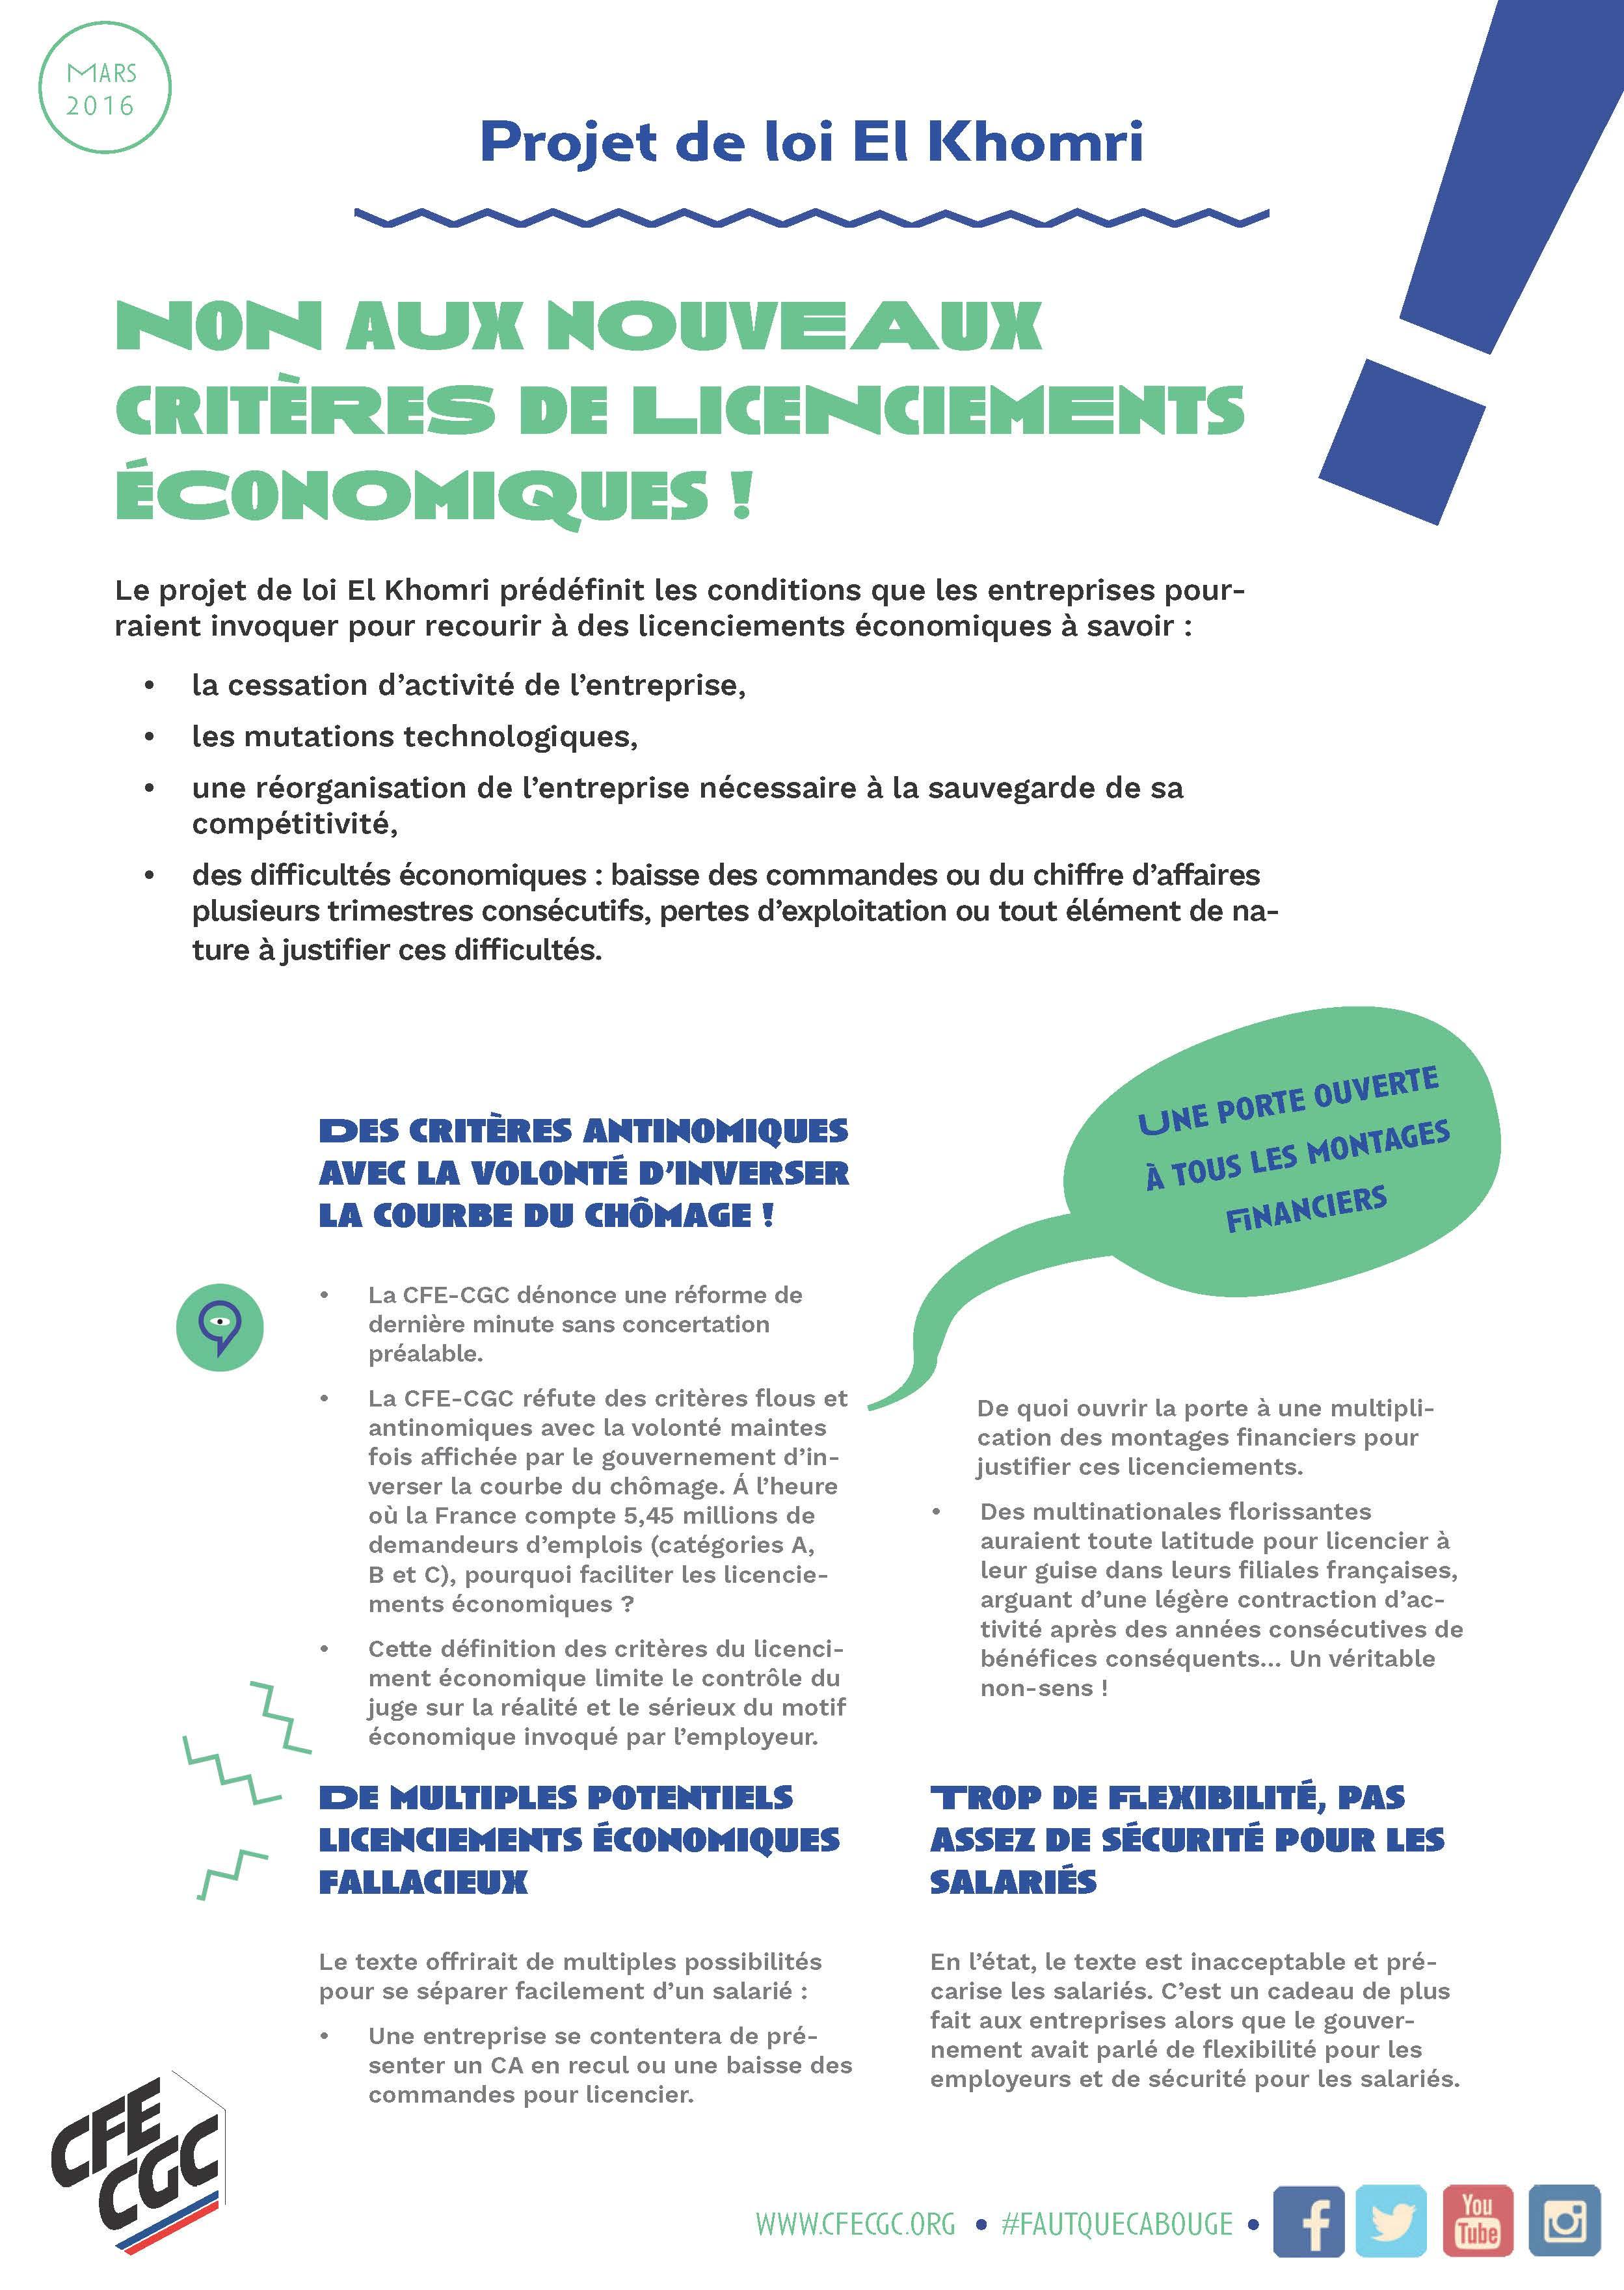 3. TRACT - NON AUX NOUVEAUX CRITERES DE LICENCIEMENT ECONOMIQUE